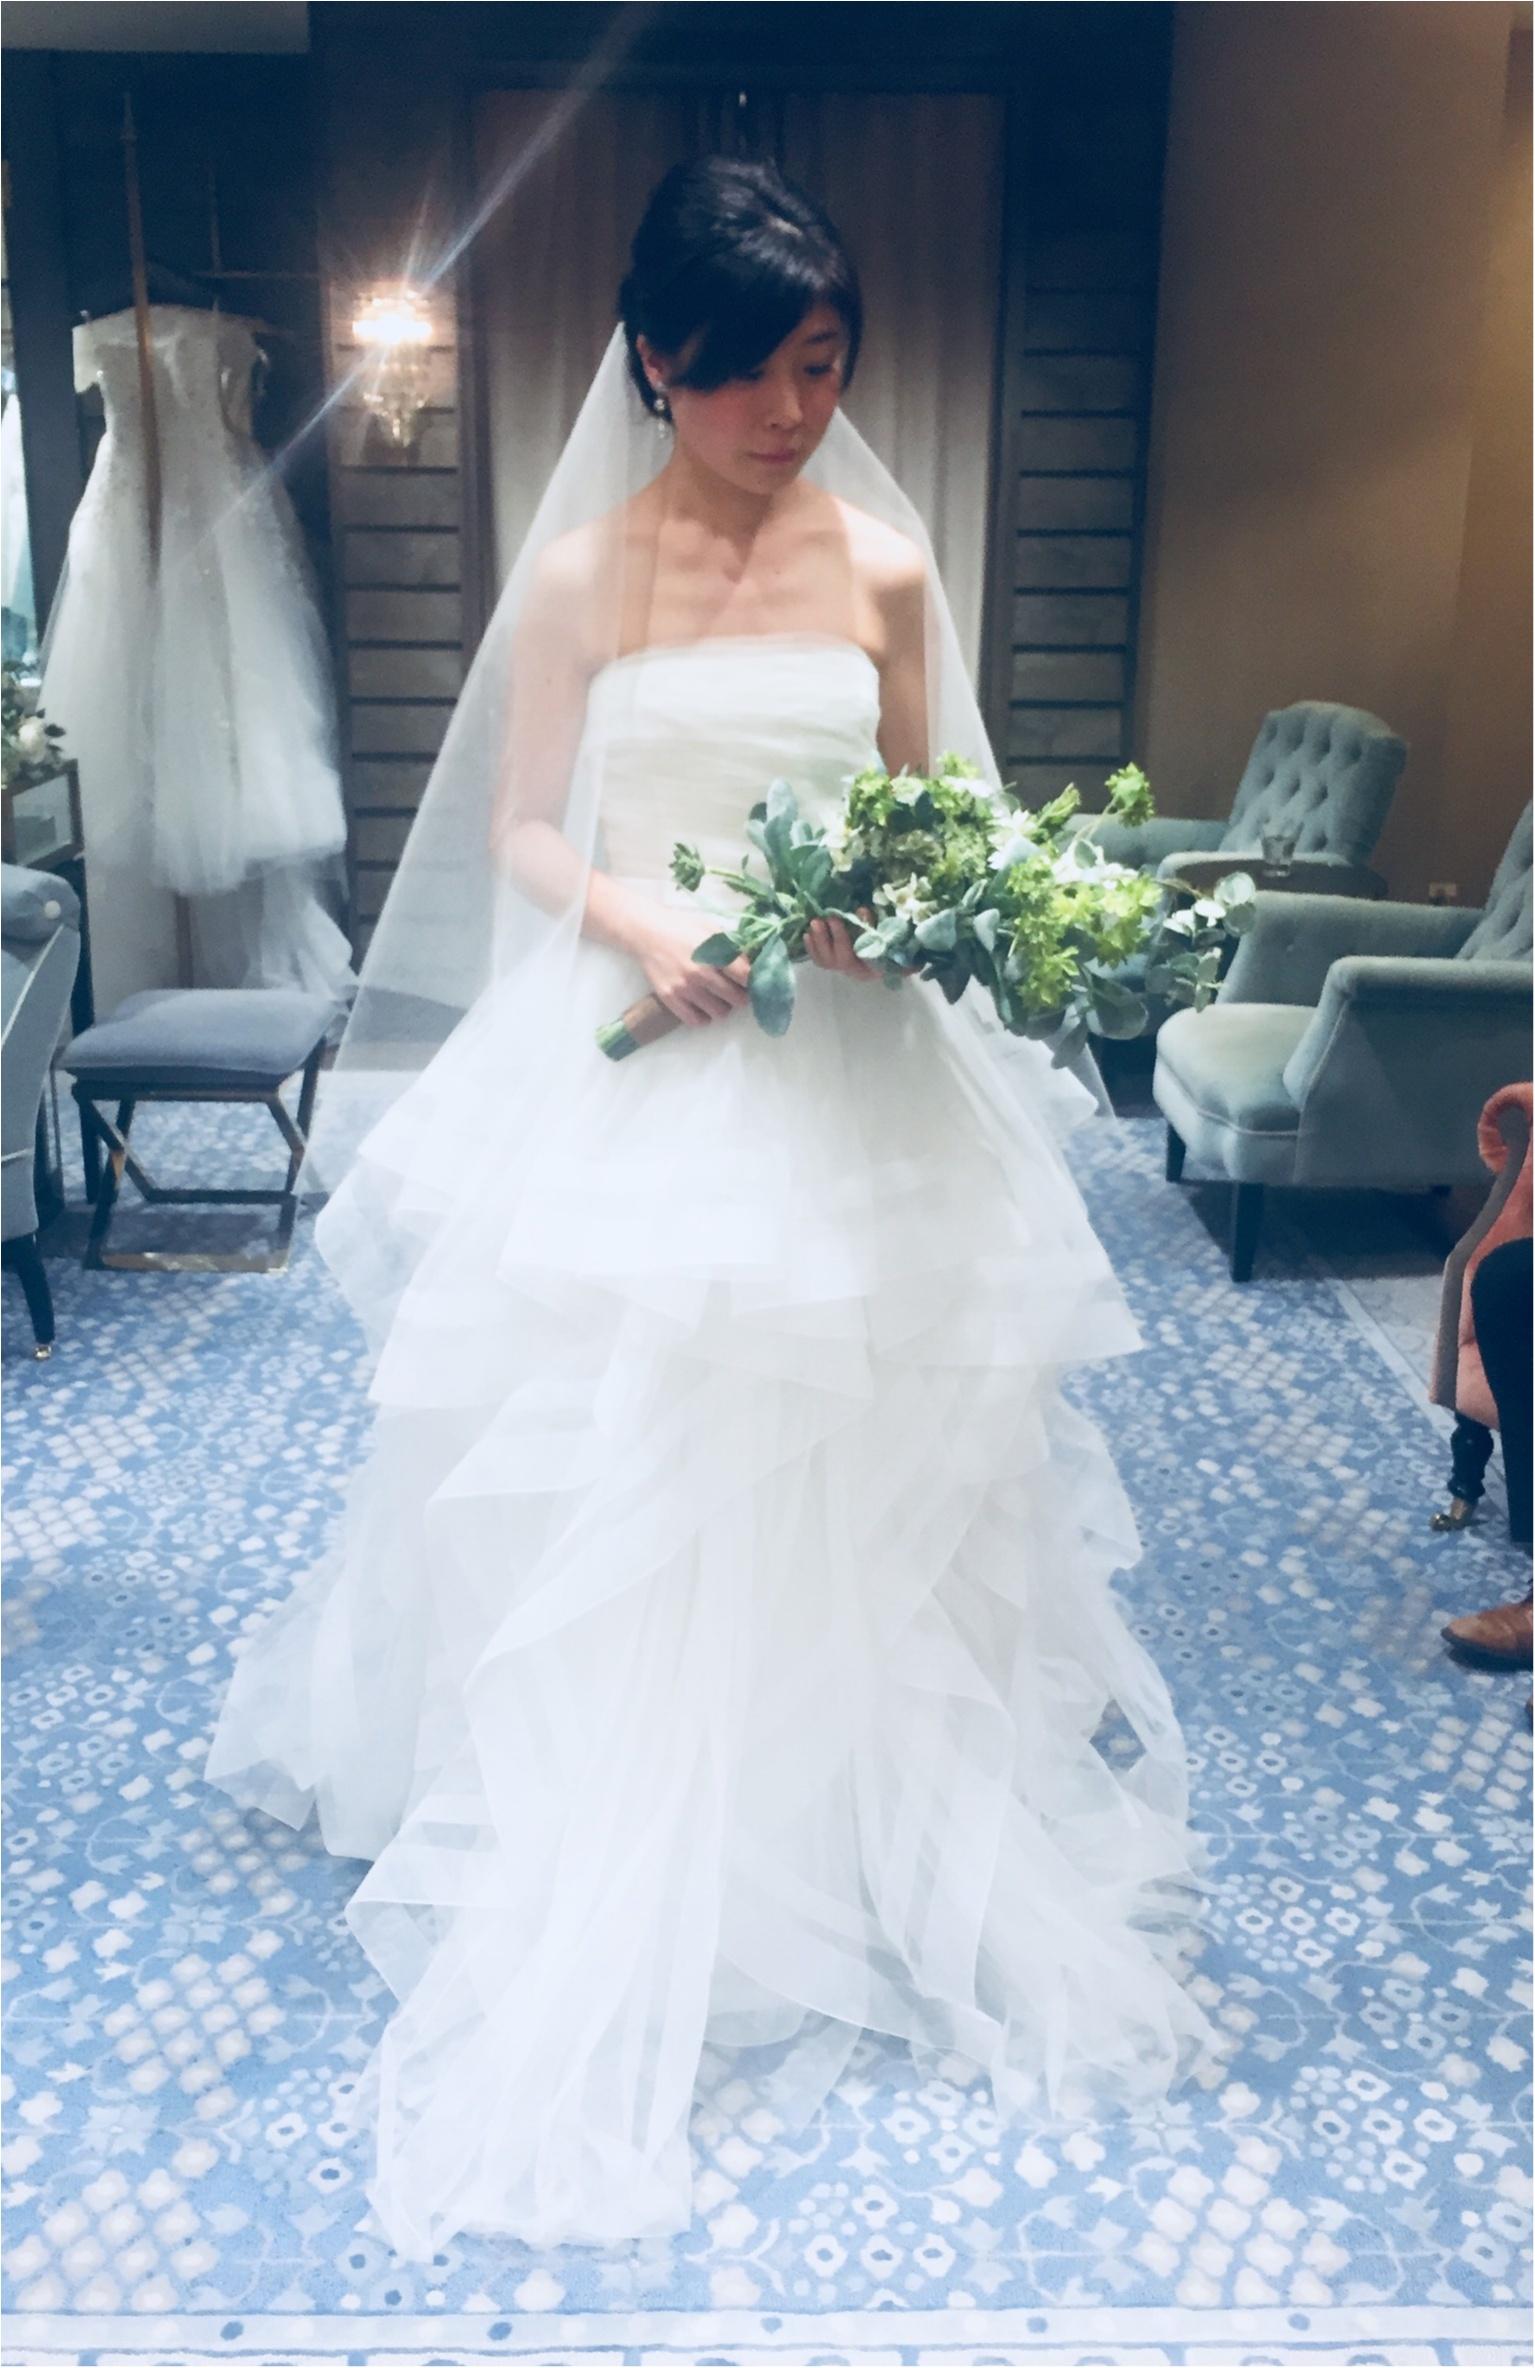 【#ドレス迷子】weddingドレス、実際に着てみました✧asuの運命の1着に巡り合うまでのドレス試着レポート③_2